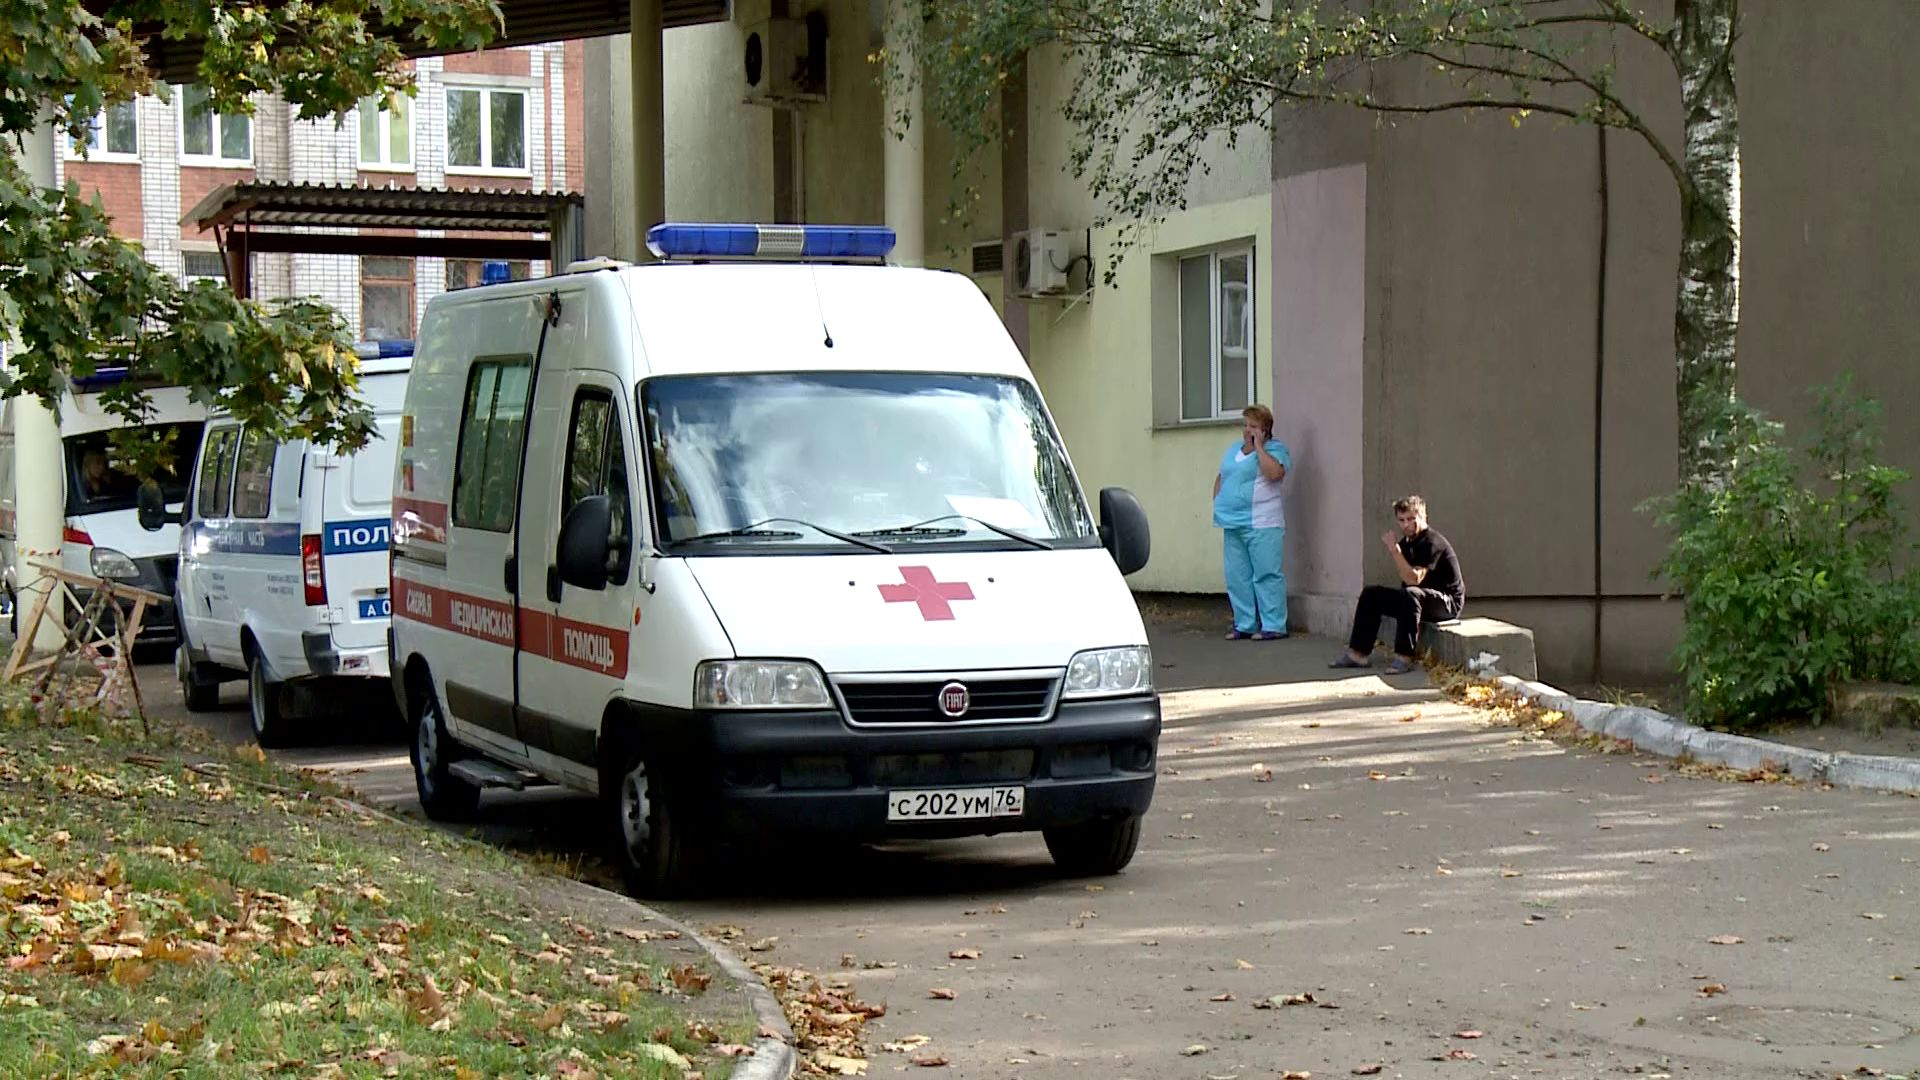 Стали известны подробности о состоянии пострадавших в страшном ДТП под Гаврилов-Ямом